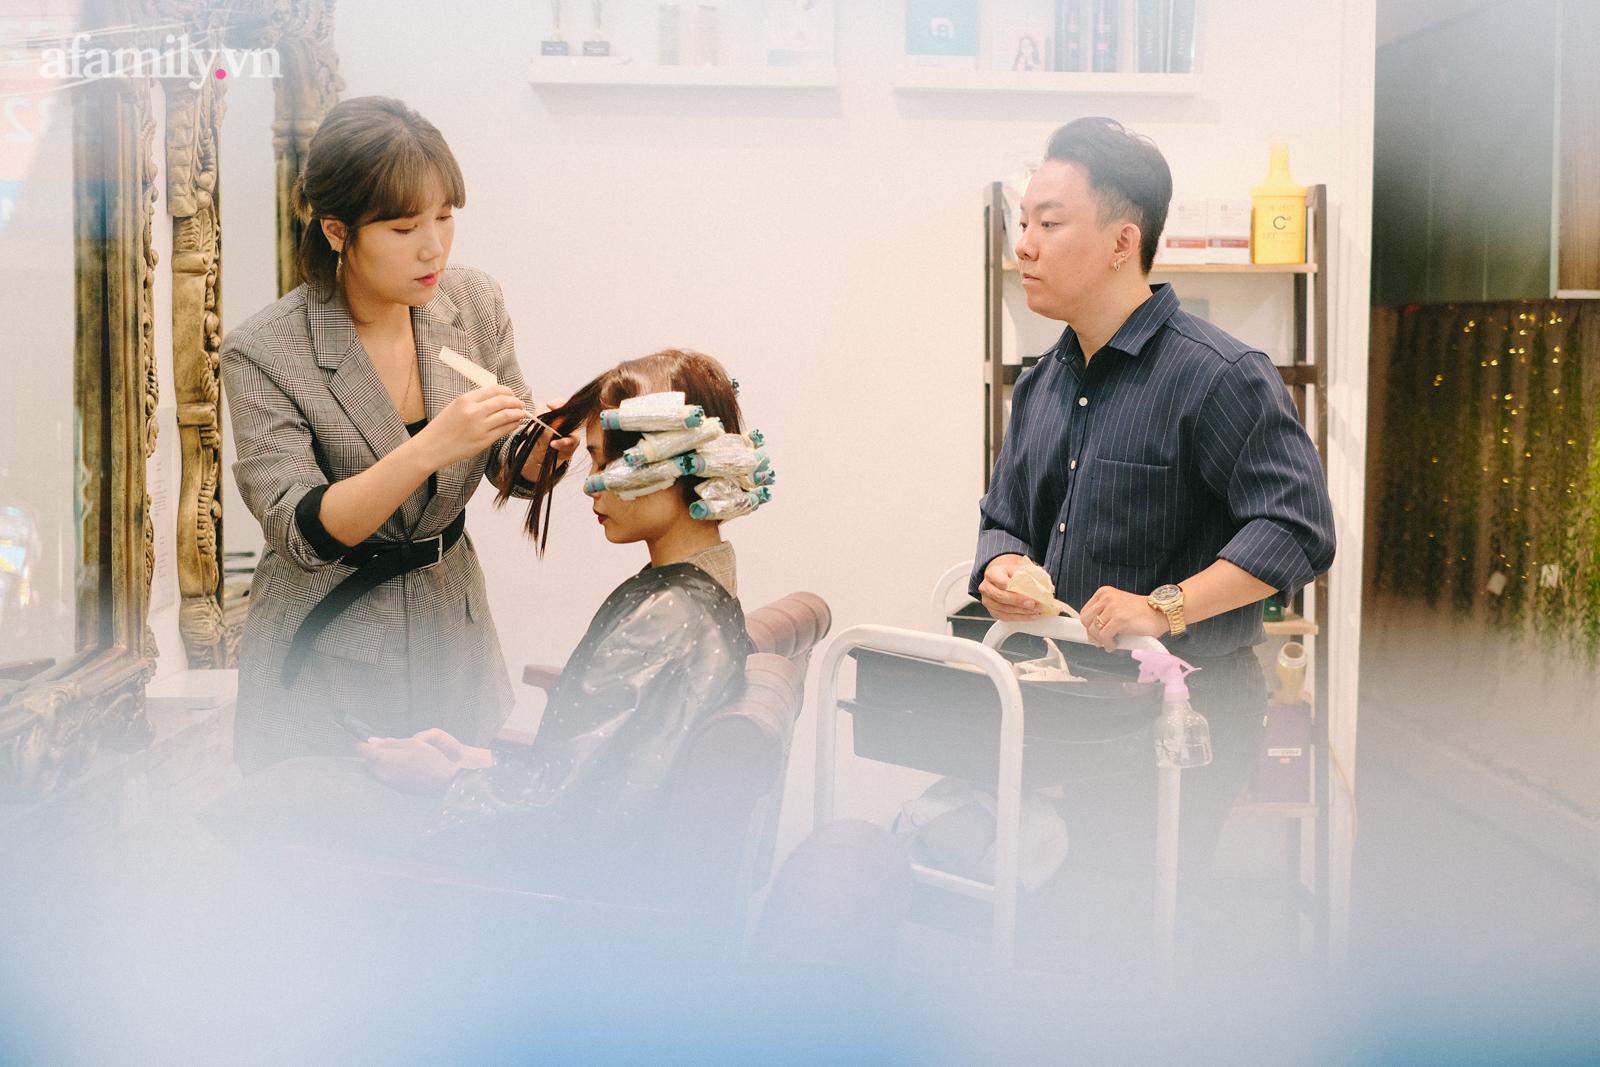 Tiệm làm tóc chuẩn Hàn giữa lòng Hà Nội: Tiết lộ luật bất thành văn khi làm tóc ở Hàn, chỉ ra sai lầm mà 90% khách Việt đều mắc phải - Ảnh 7.